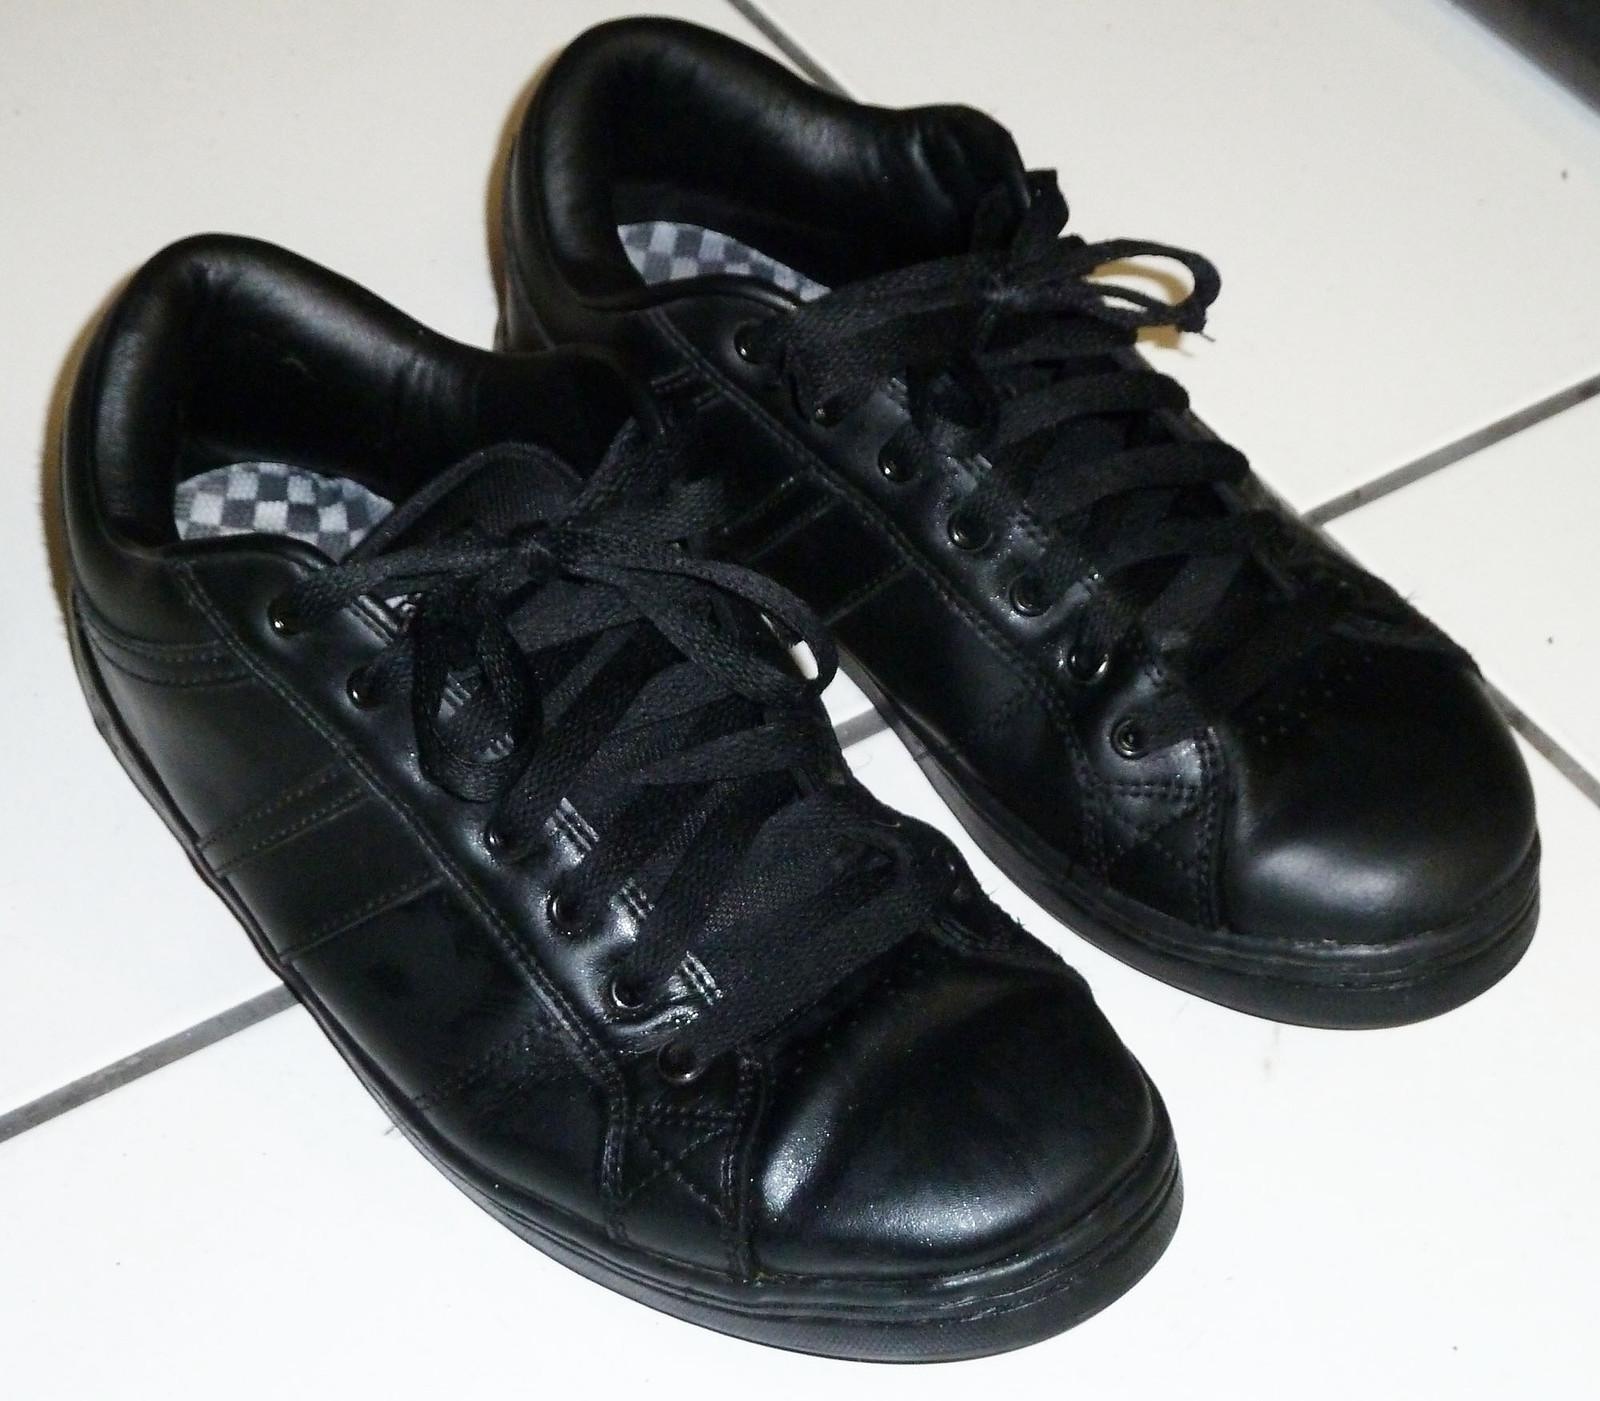 odessa footwear skate mtb schuhe gr sse us 10 uk 9 eur. Black Bedroom Furniture Sets. Home Design Ideas